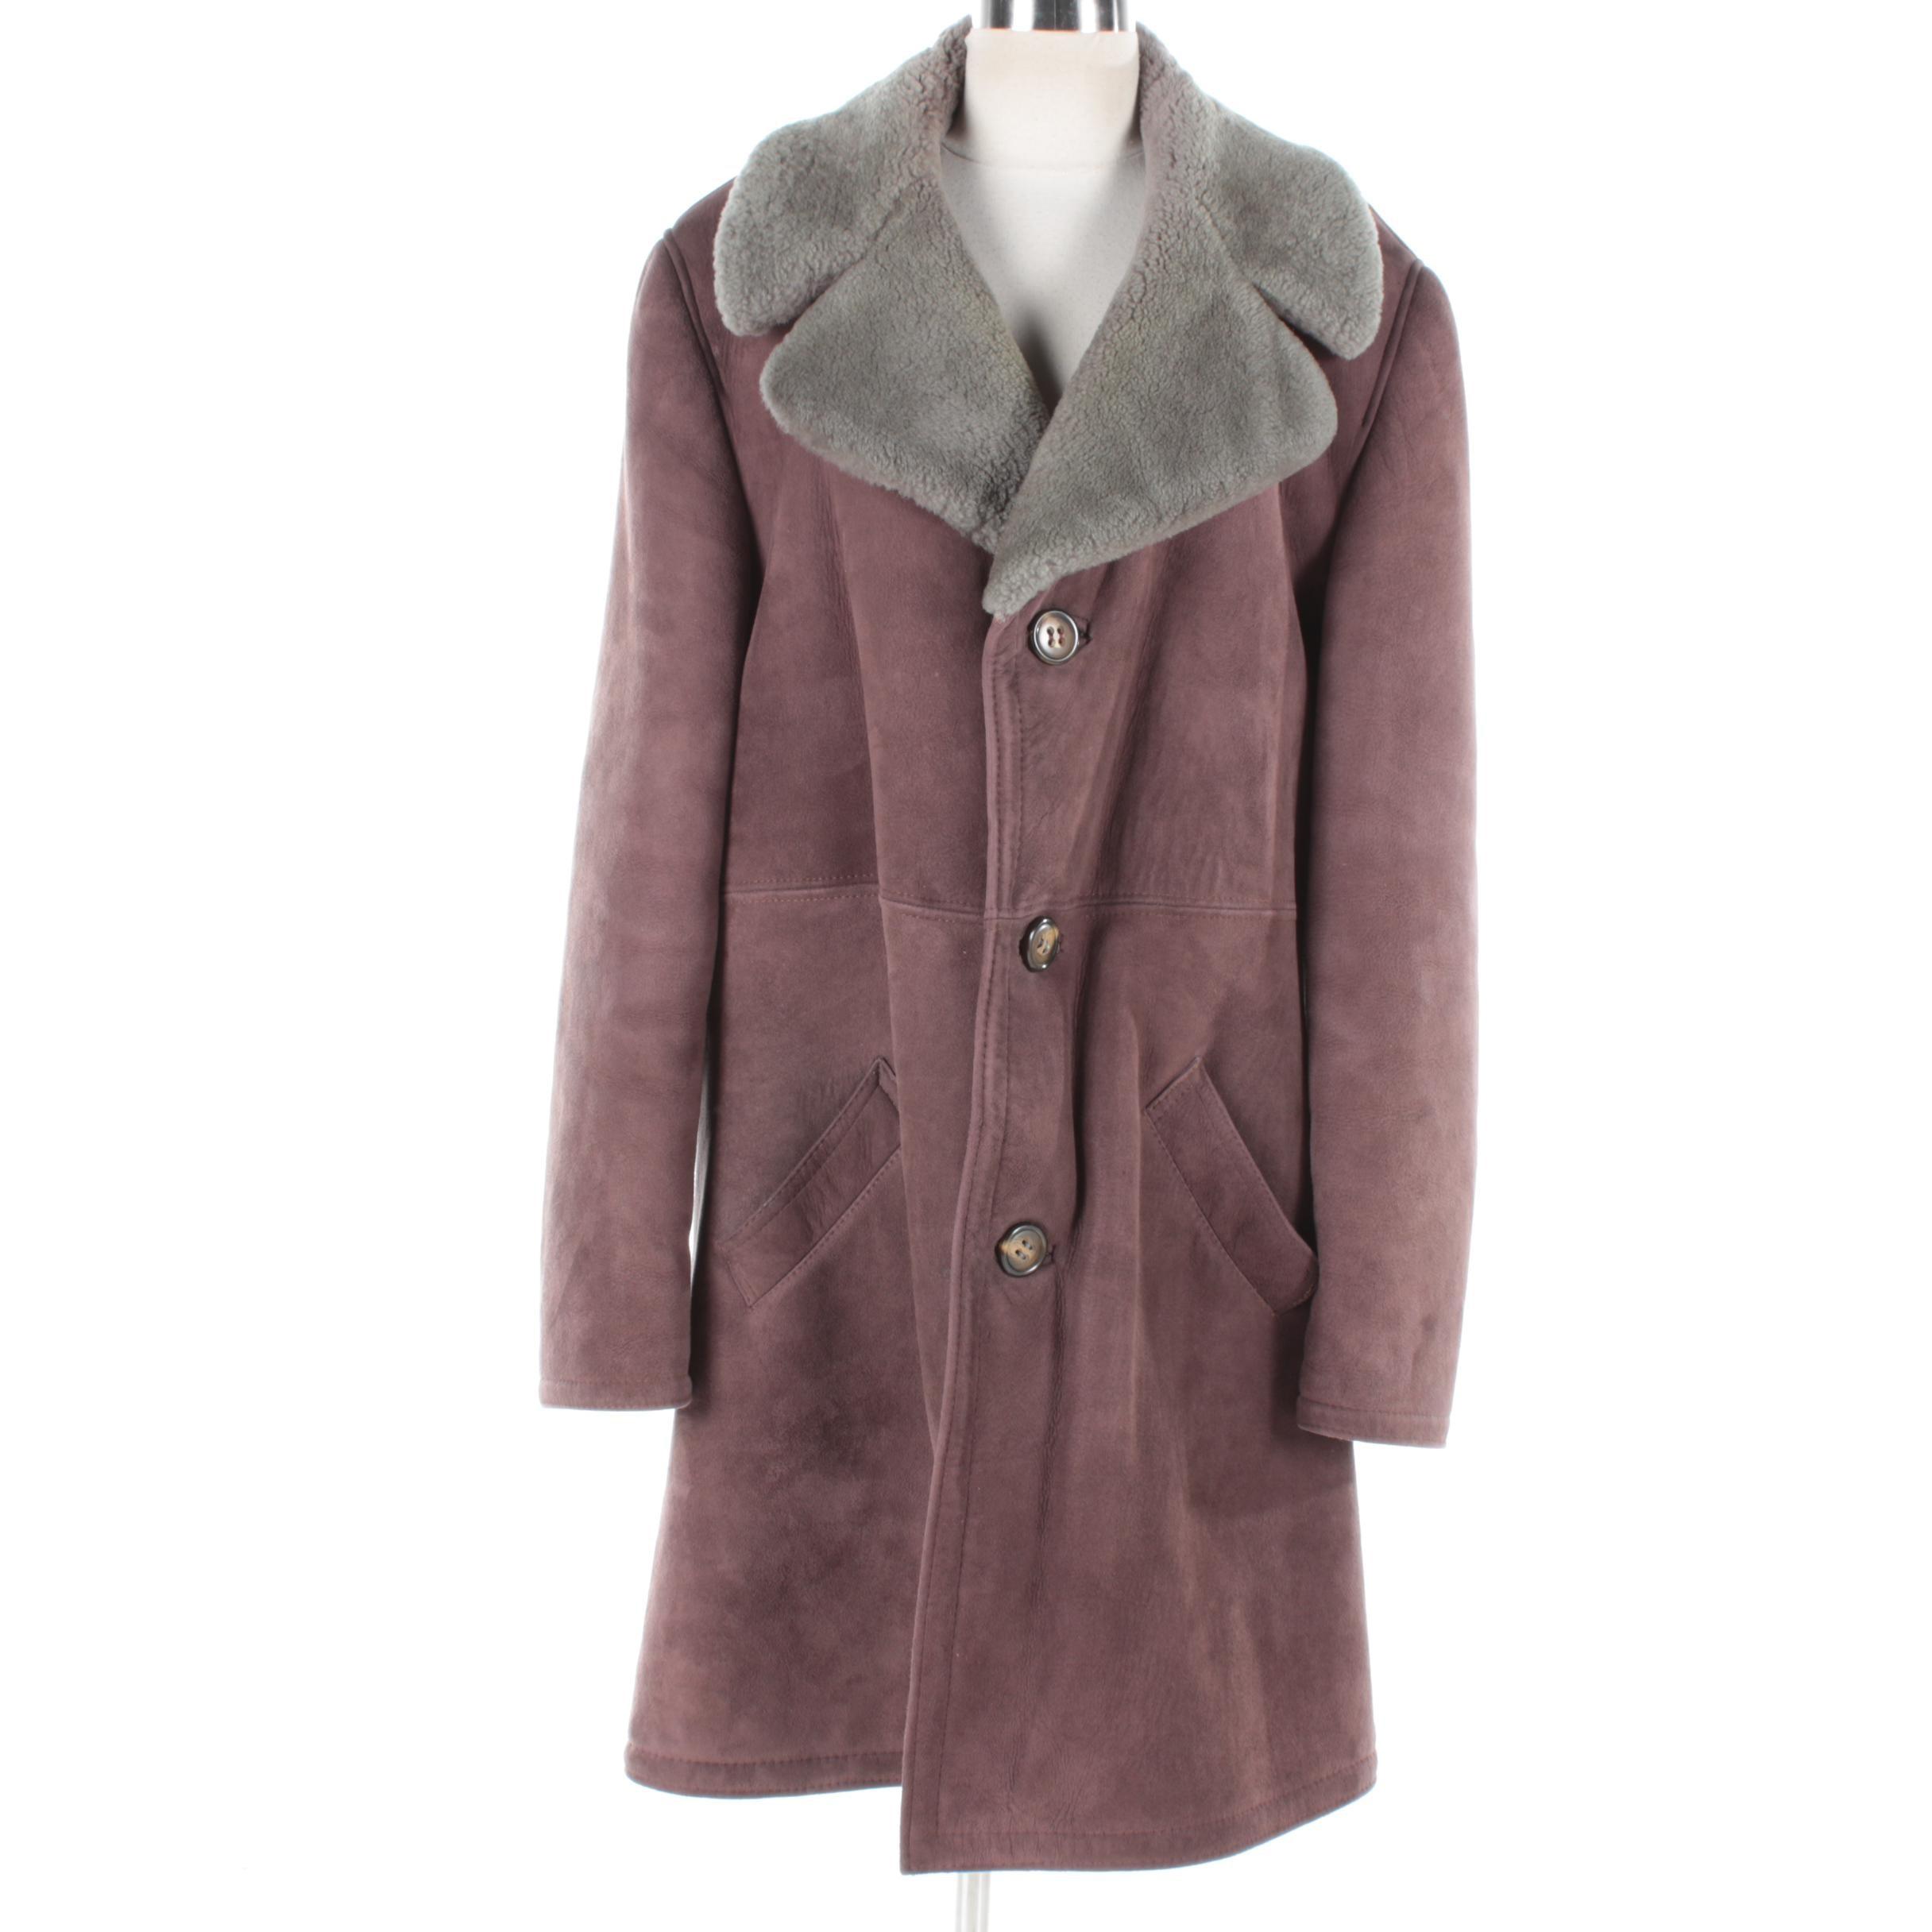 Men's Vintage Purple Suede Coat with Faux Fur Lining